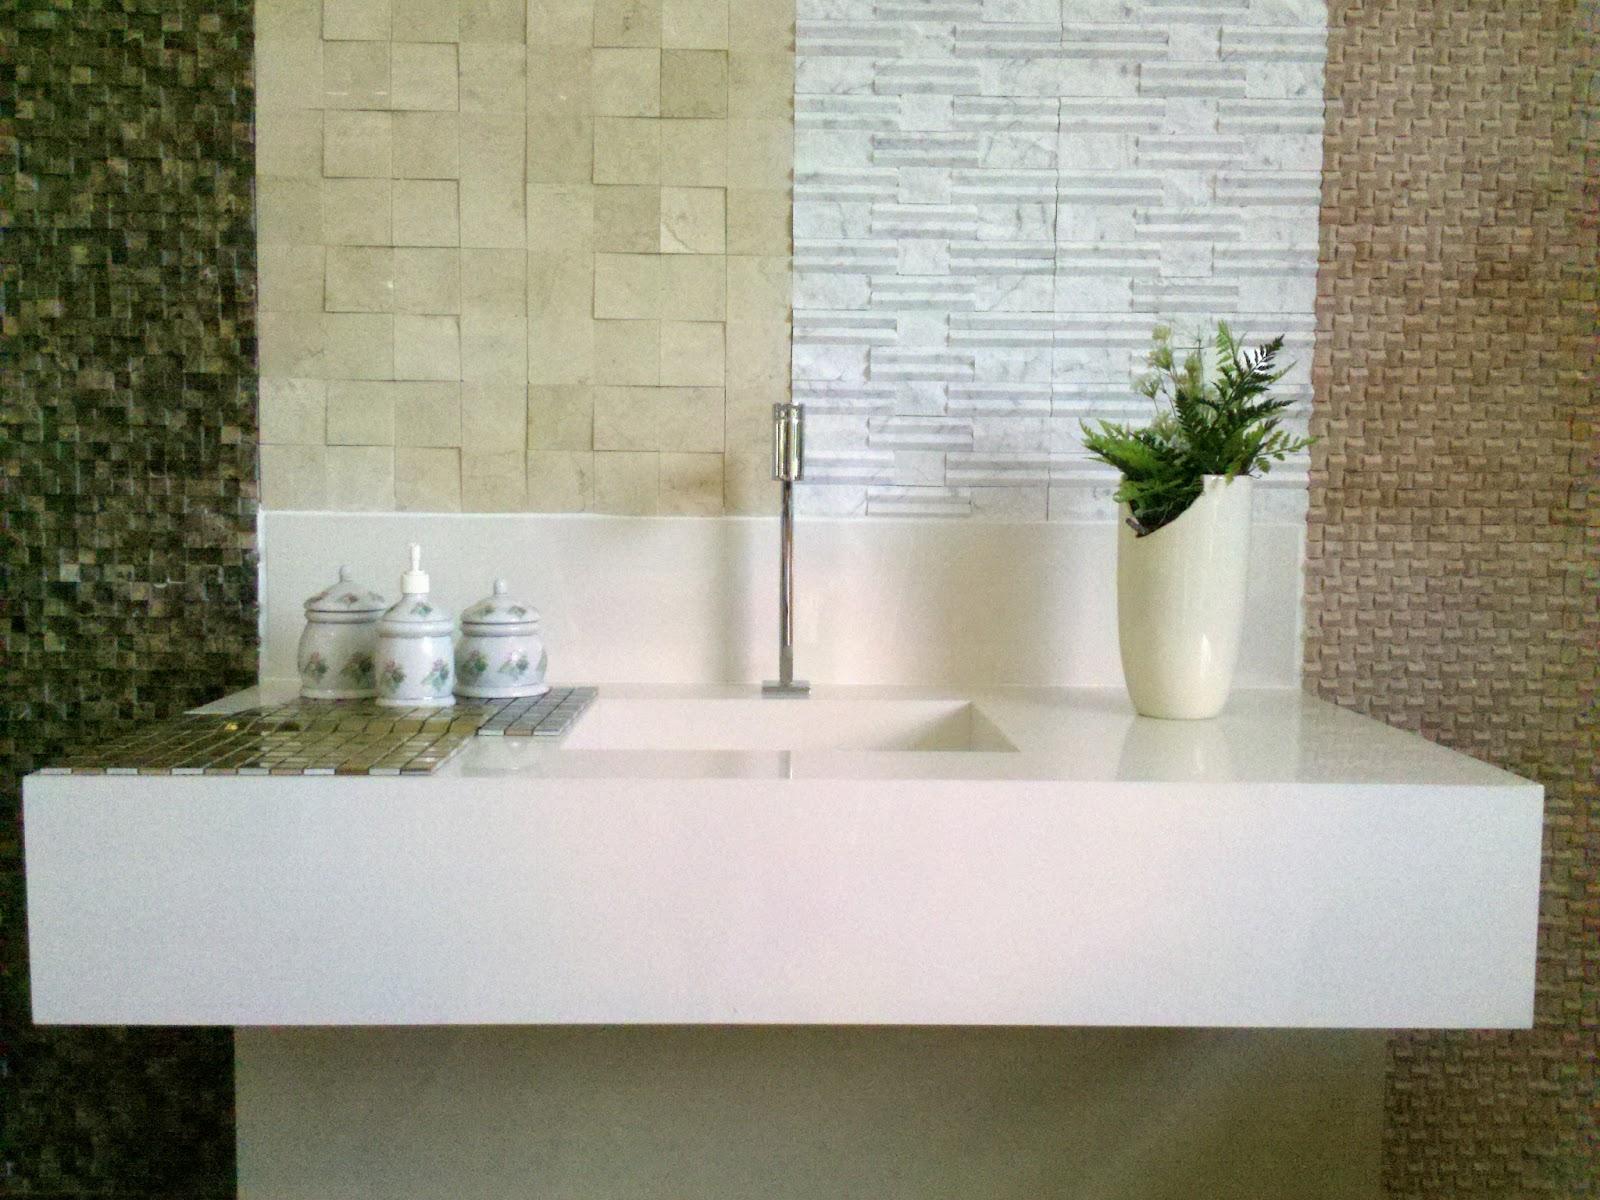 com bancada em porcelanato igual ao do piso projeto carolina laje #33351A 1600x1200 Banheiro Com Bancada De Porcelanato